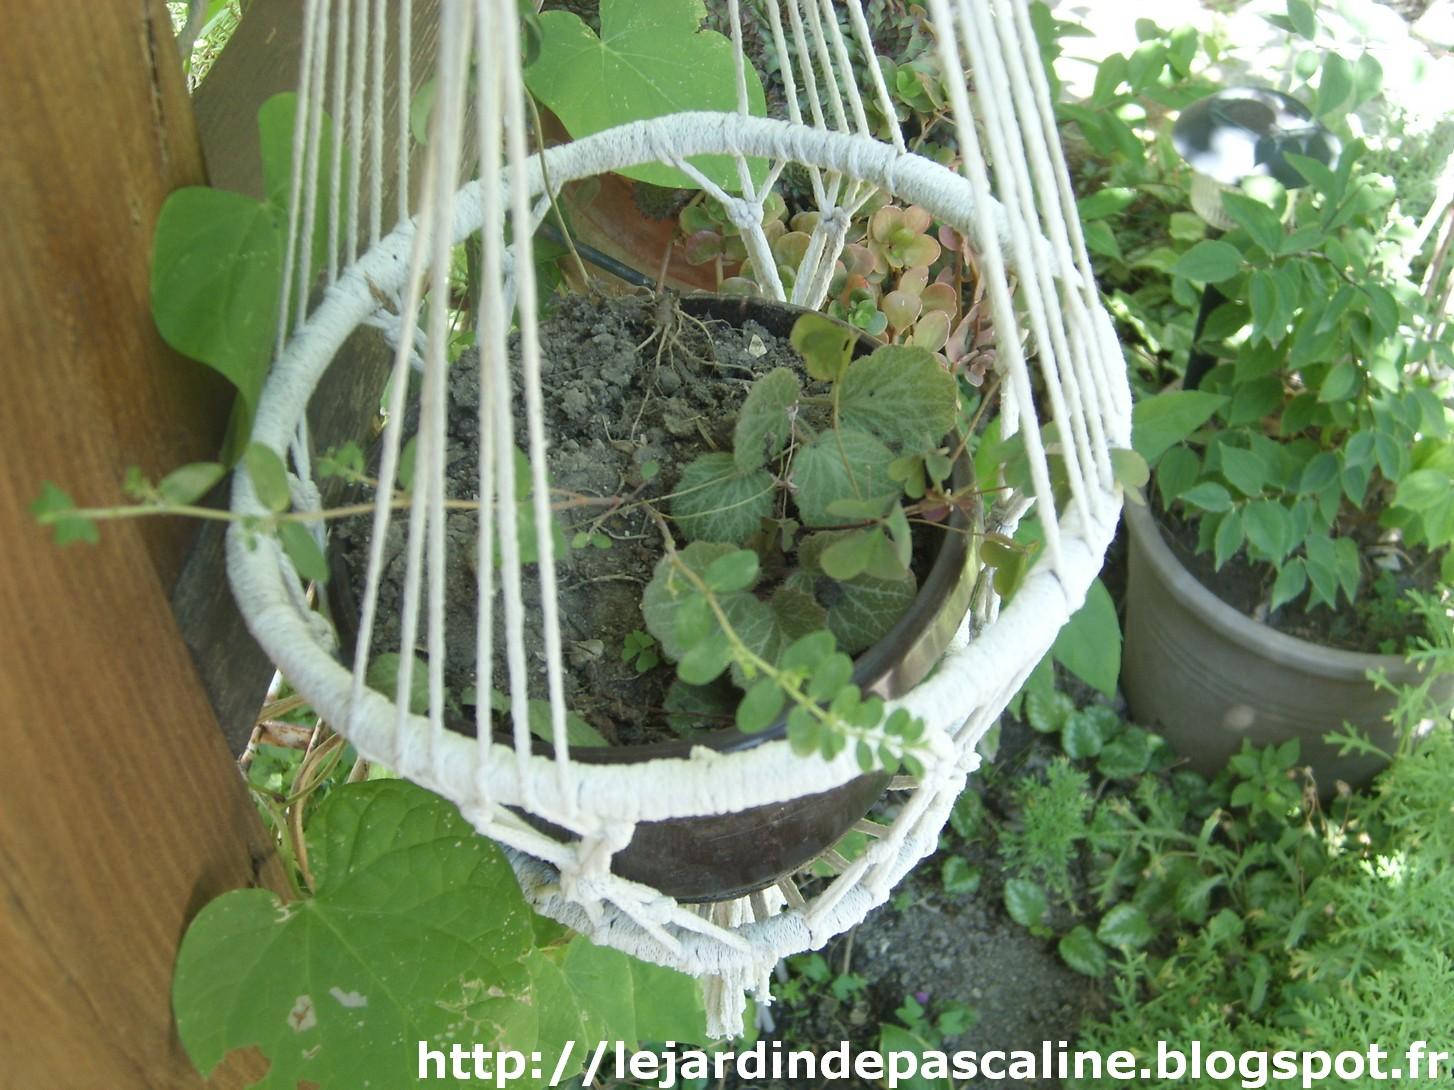 Le jardin de pascaline il faut penser la rentr e des plantes - Bouture de l hibiscus de jardin ...